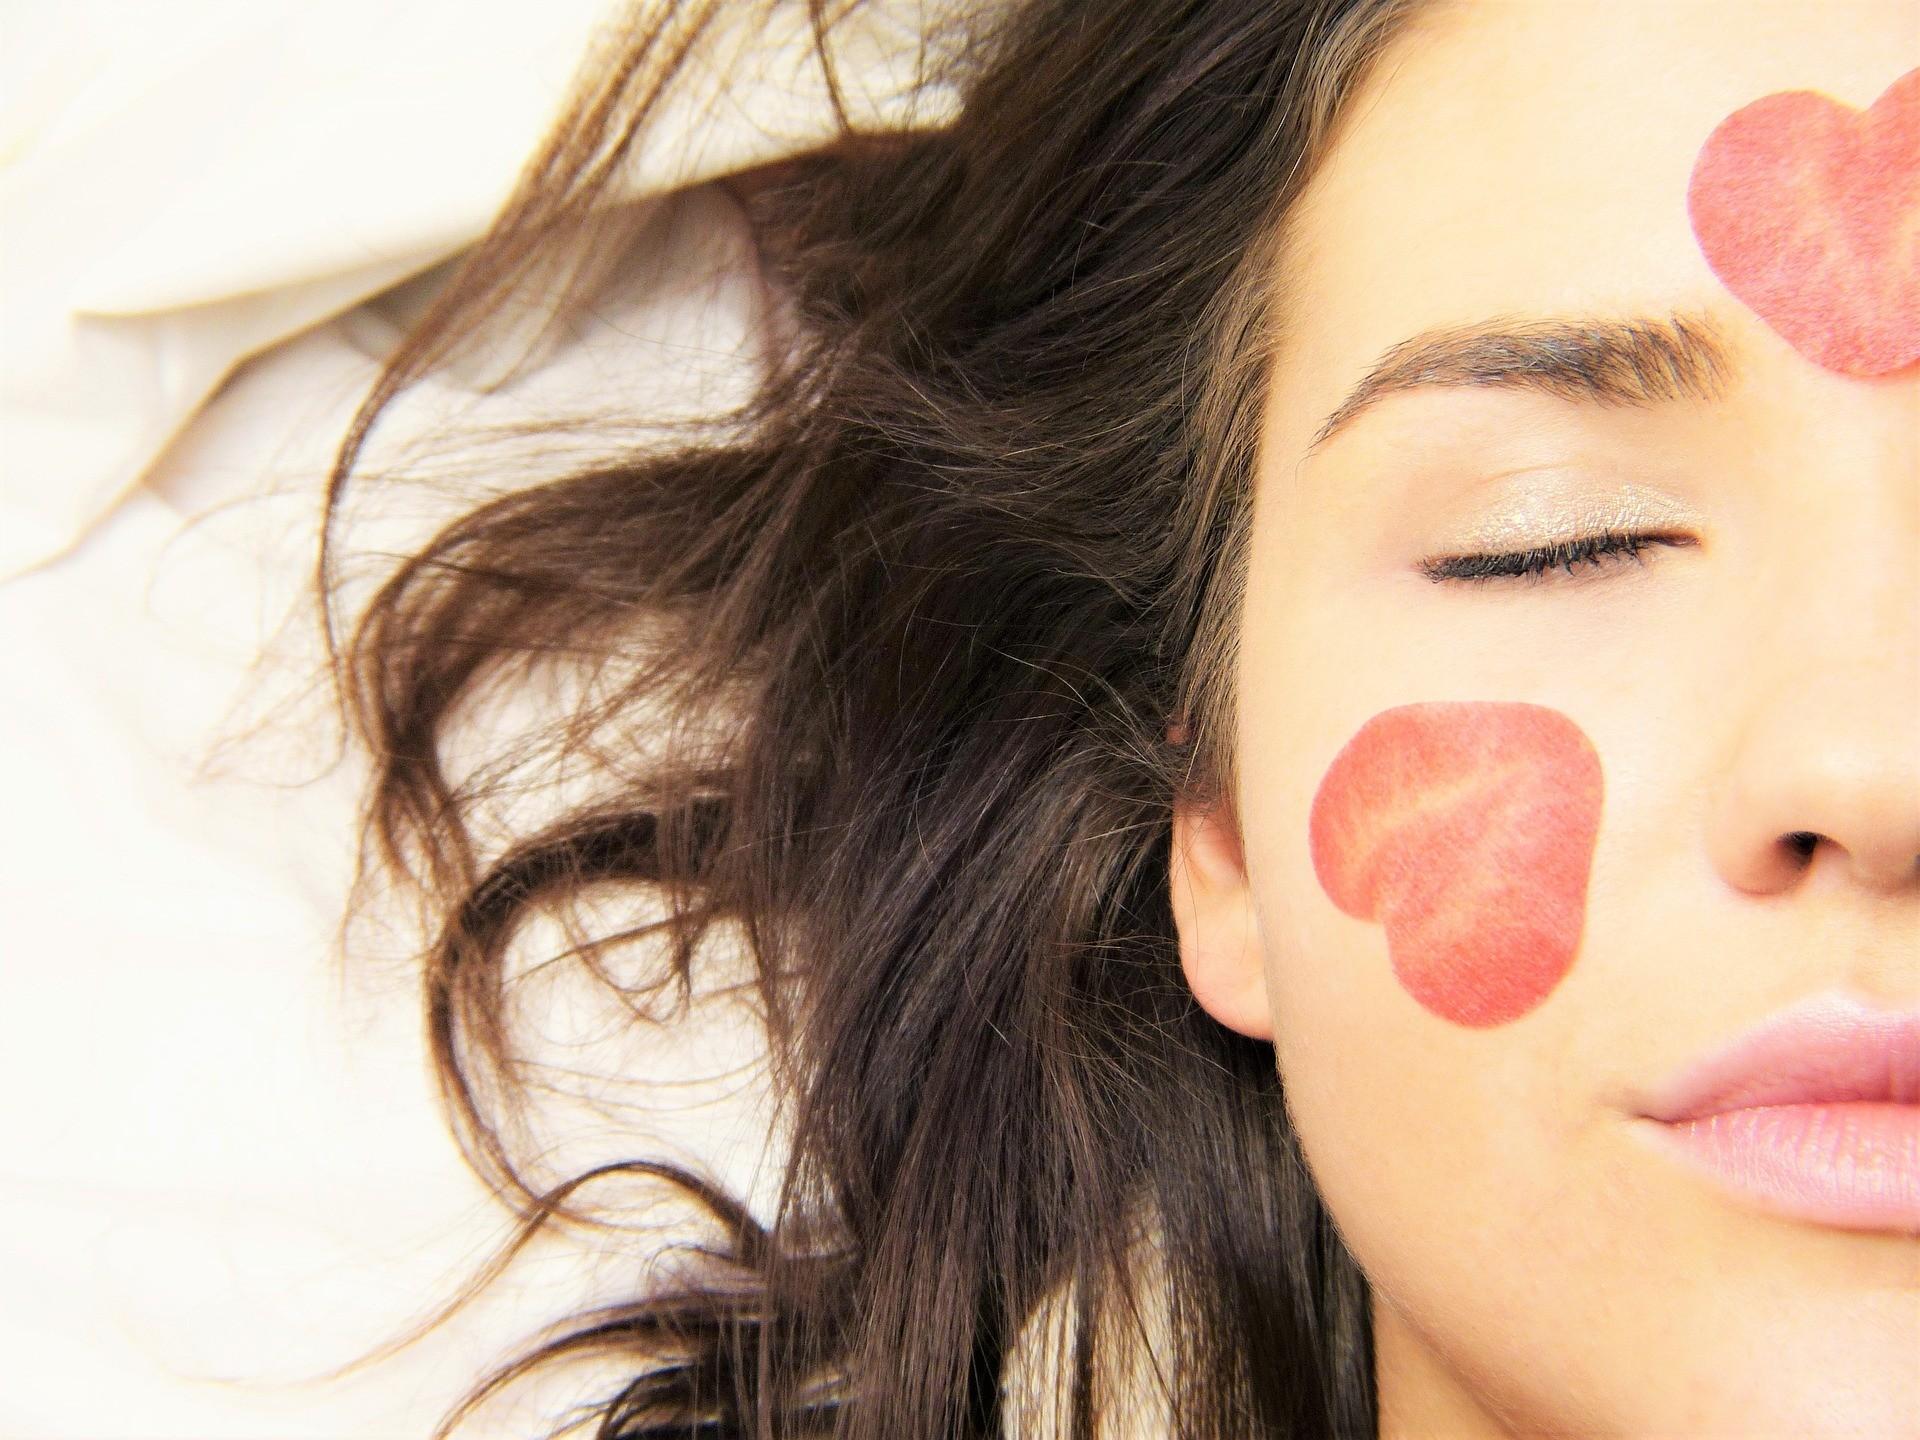 Гиалуроновая кислота: уколы или кремы? Что эффективнее?